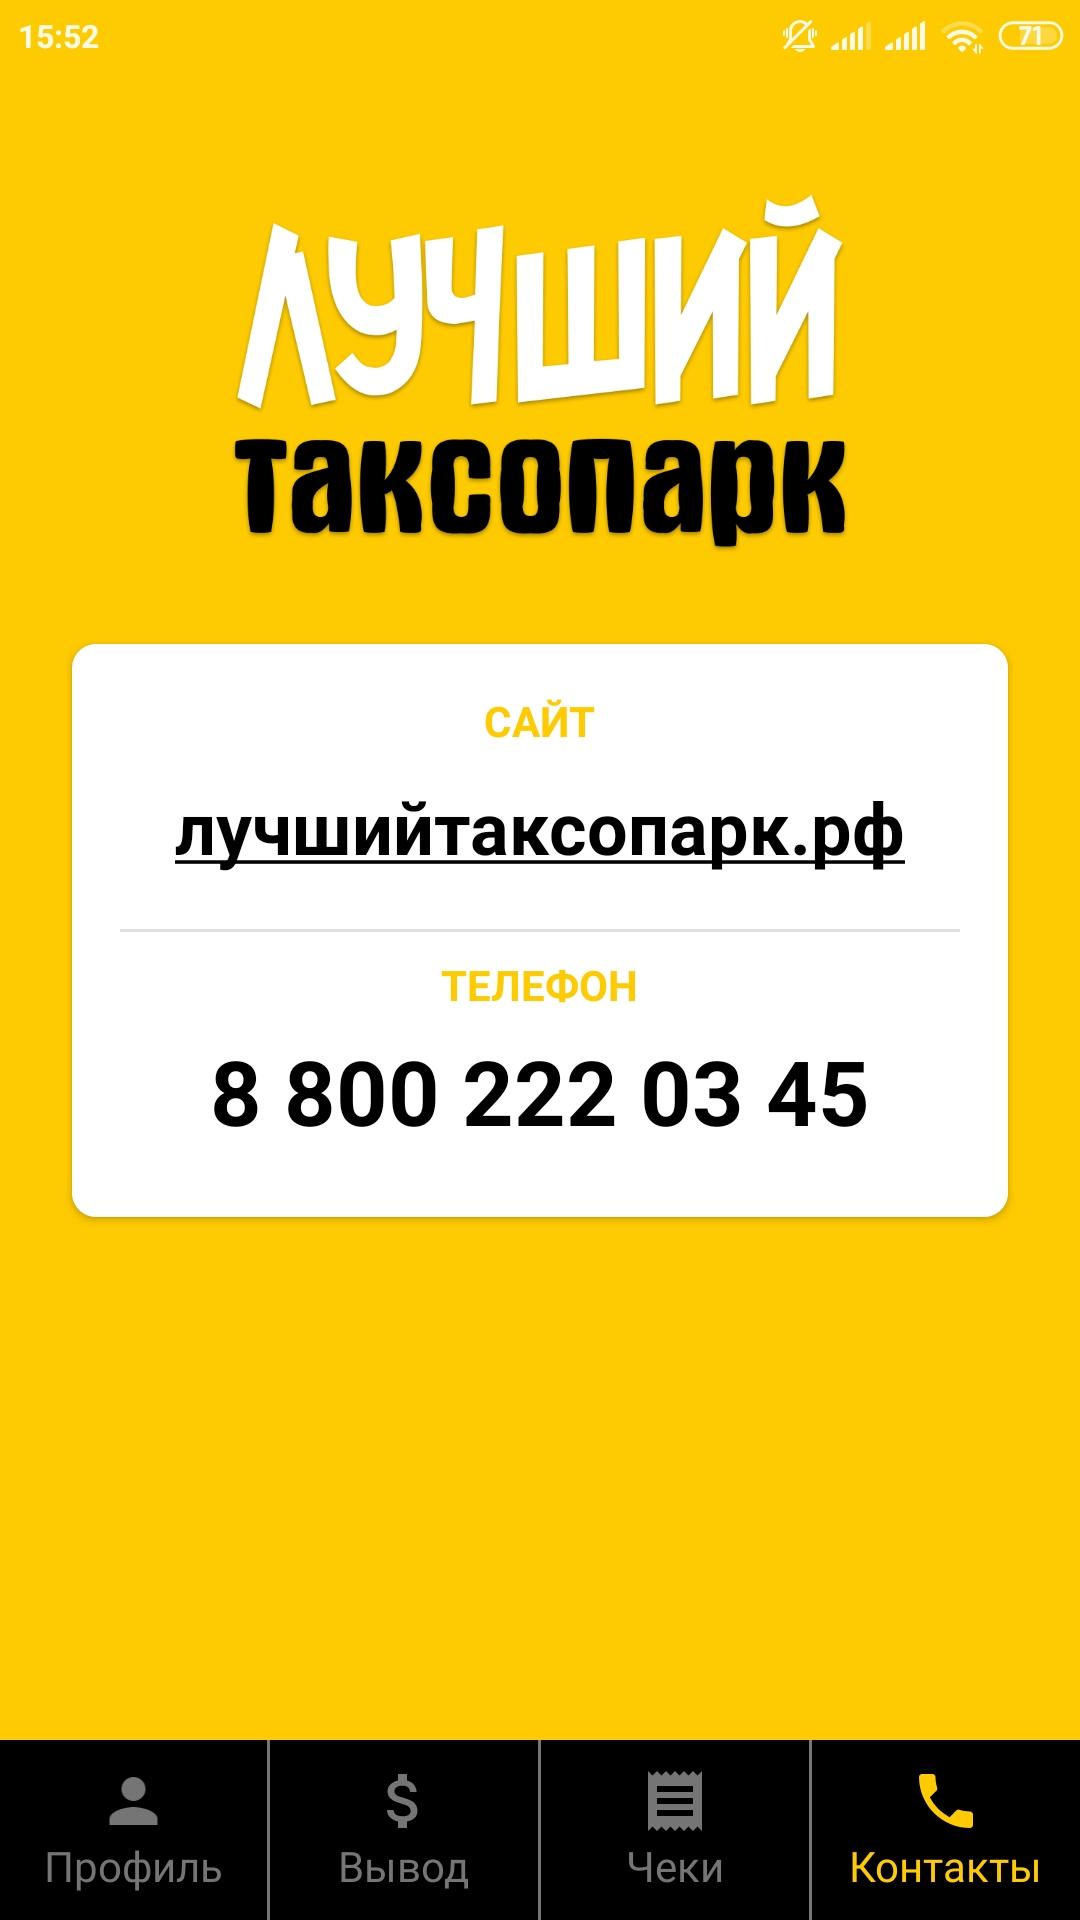 Лучший таксопарк. Сервис для водителей такси